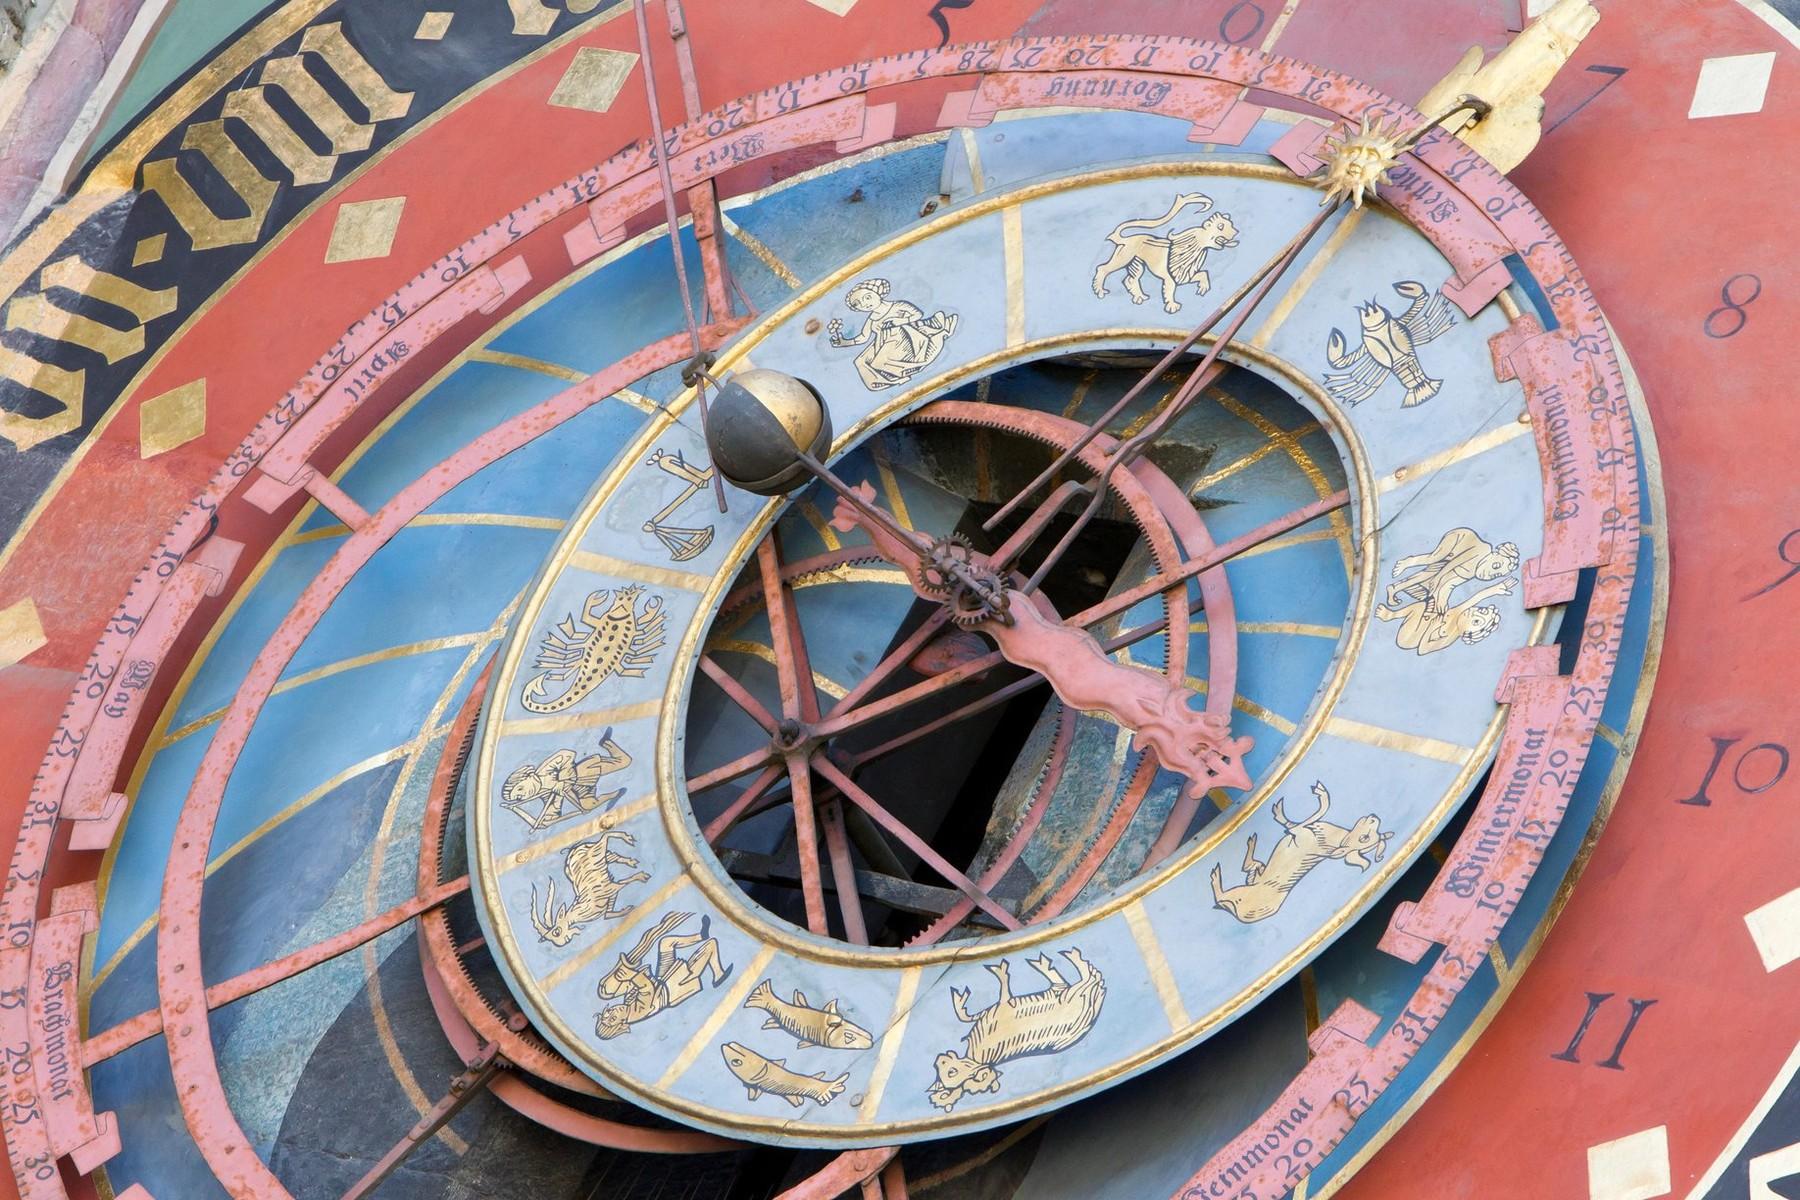 HOROSCOP 7 mai: Riscuri mari şi decizii luate în pripă. Zodiile vizate de astre